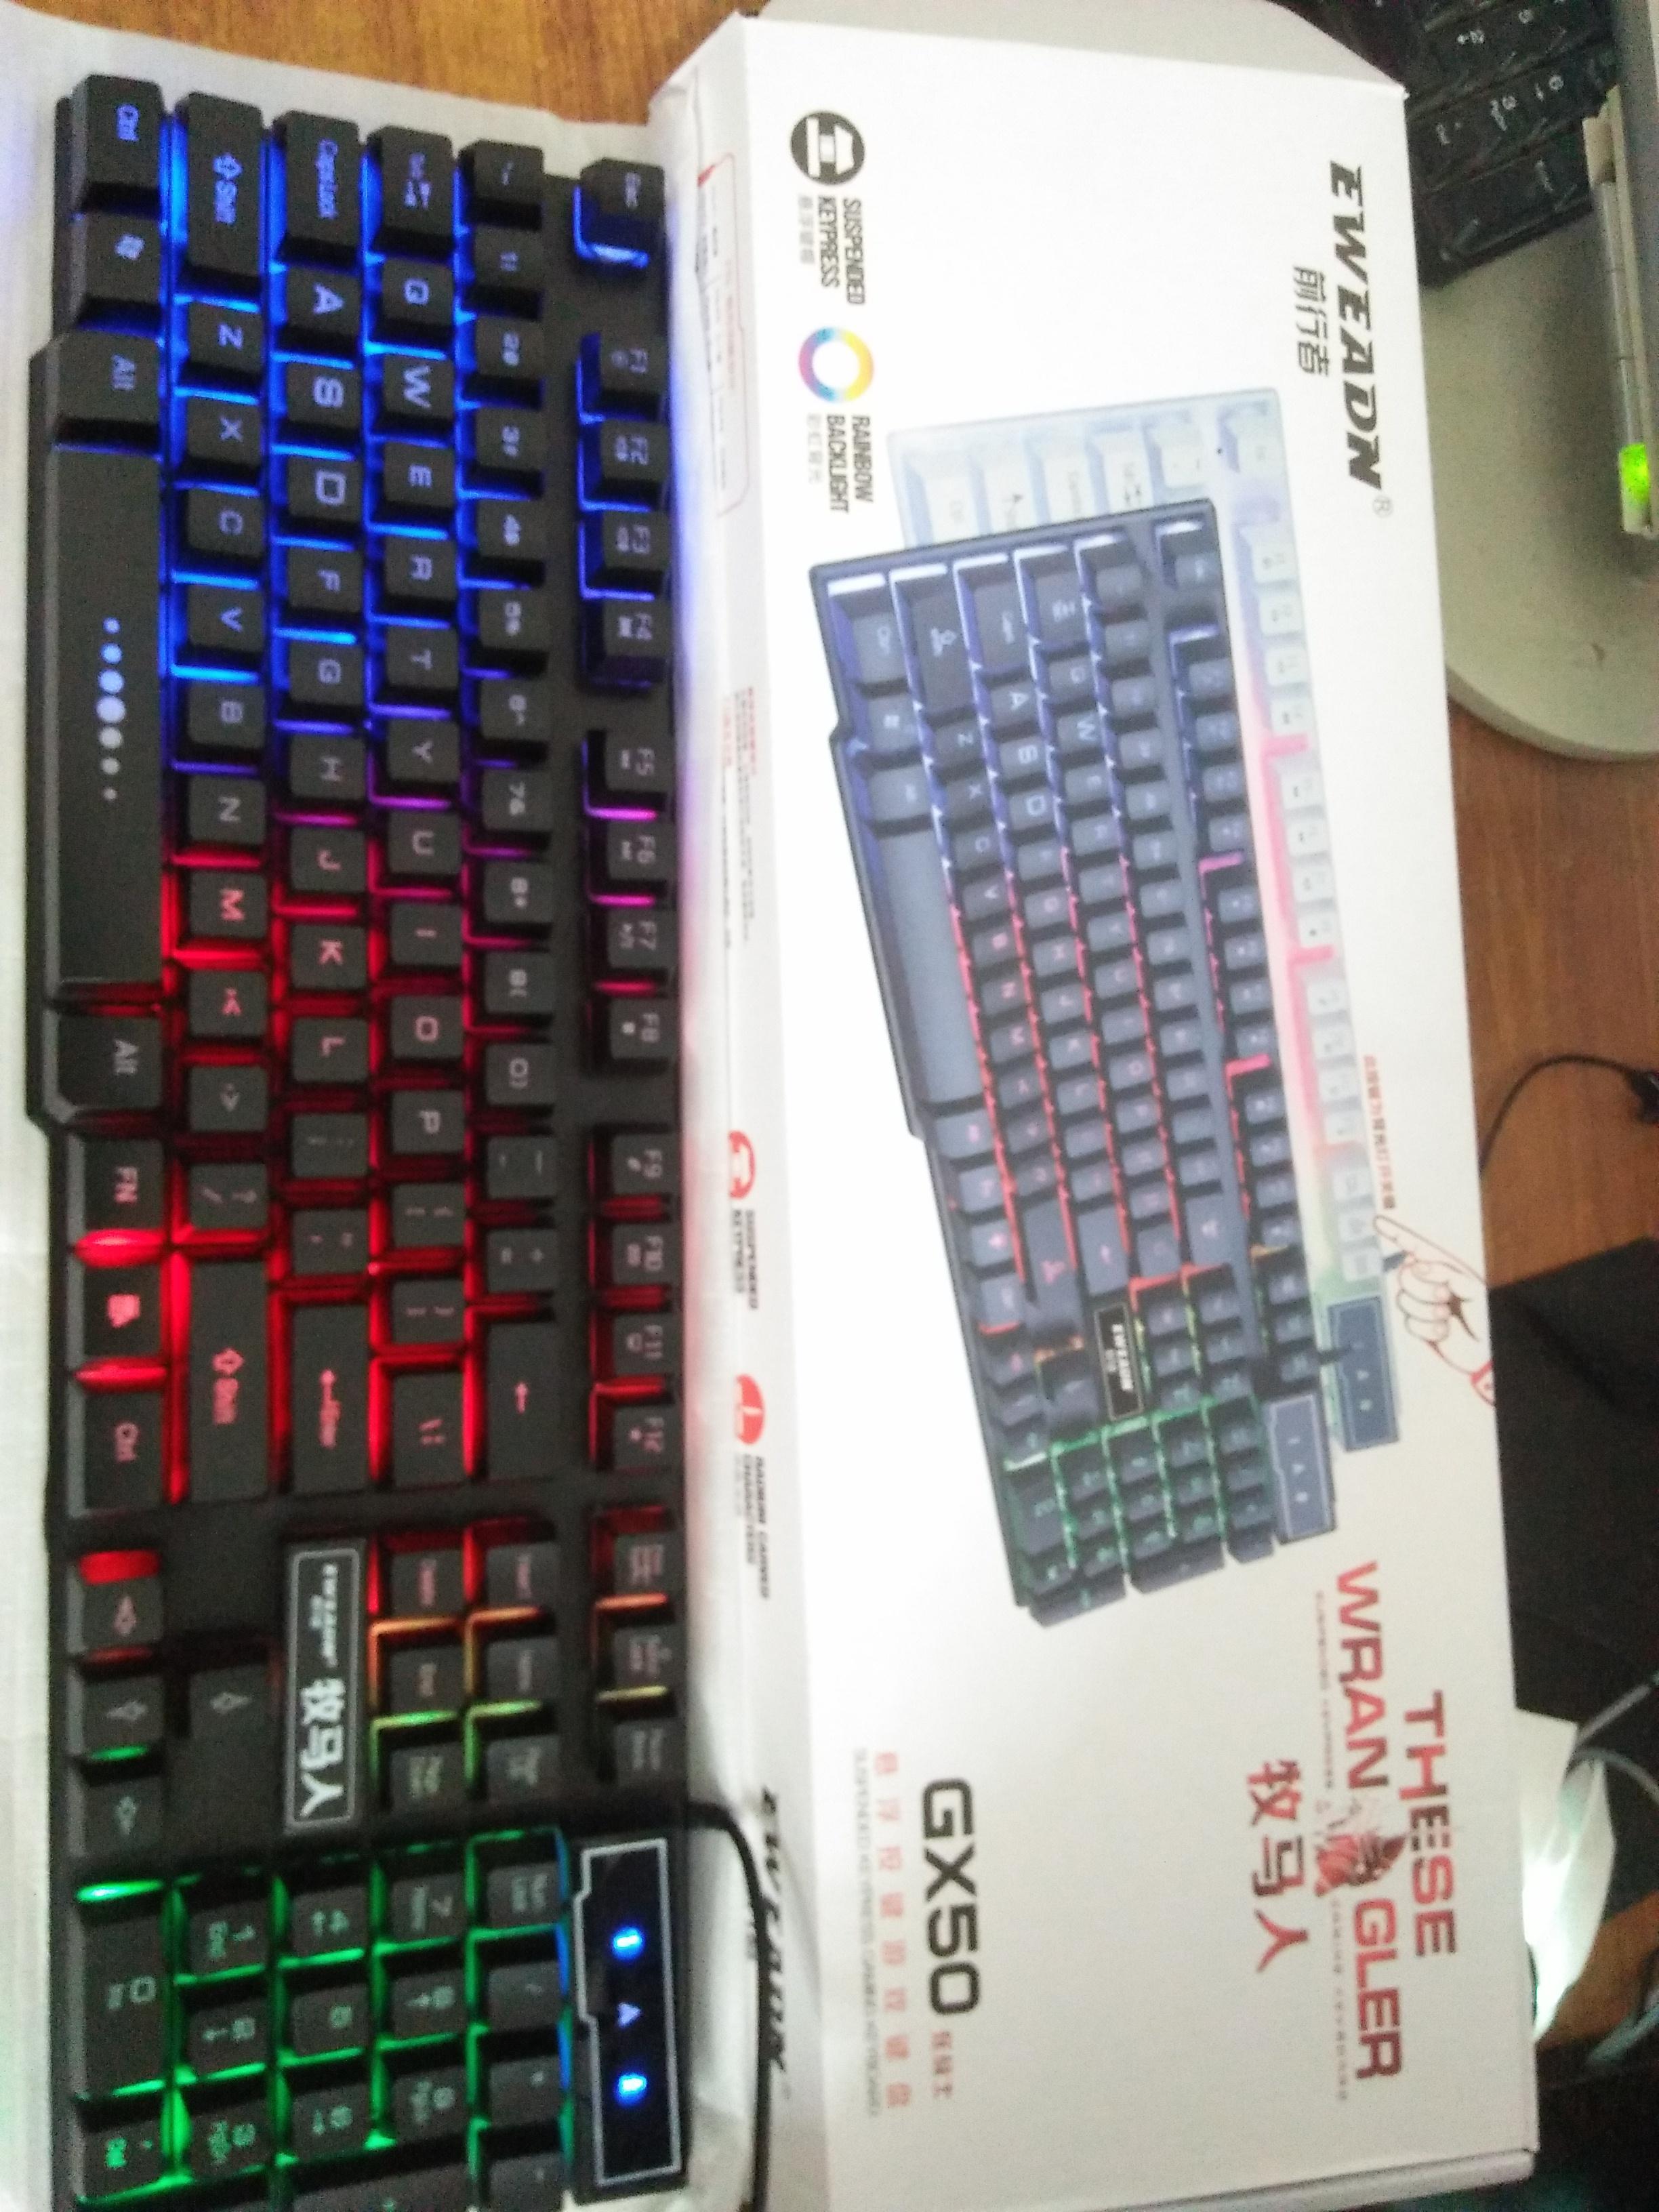 EWEADN Gaming Keyboard GX-50